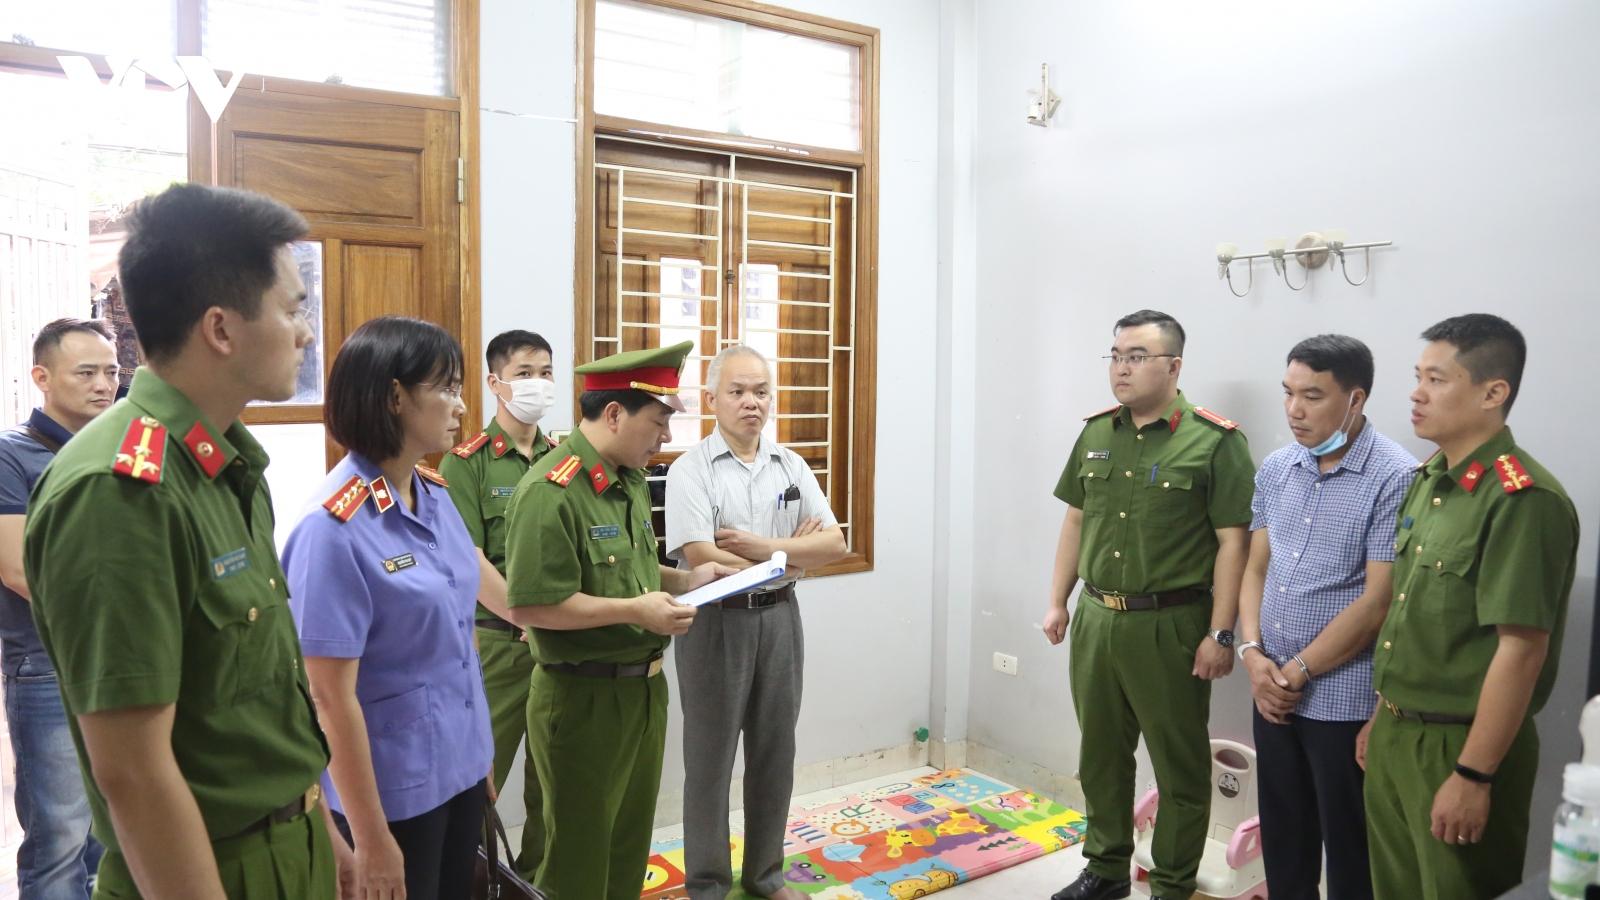 Vụ sai phạm trong đấu thầu tại Sở Y tế Sơn La: Tiếp tục bắt tạm giam 2  đối tượng